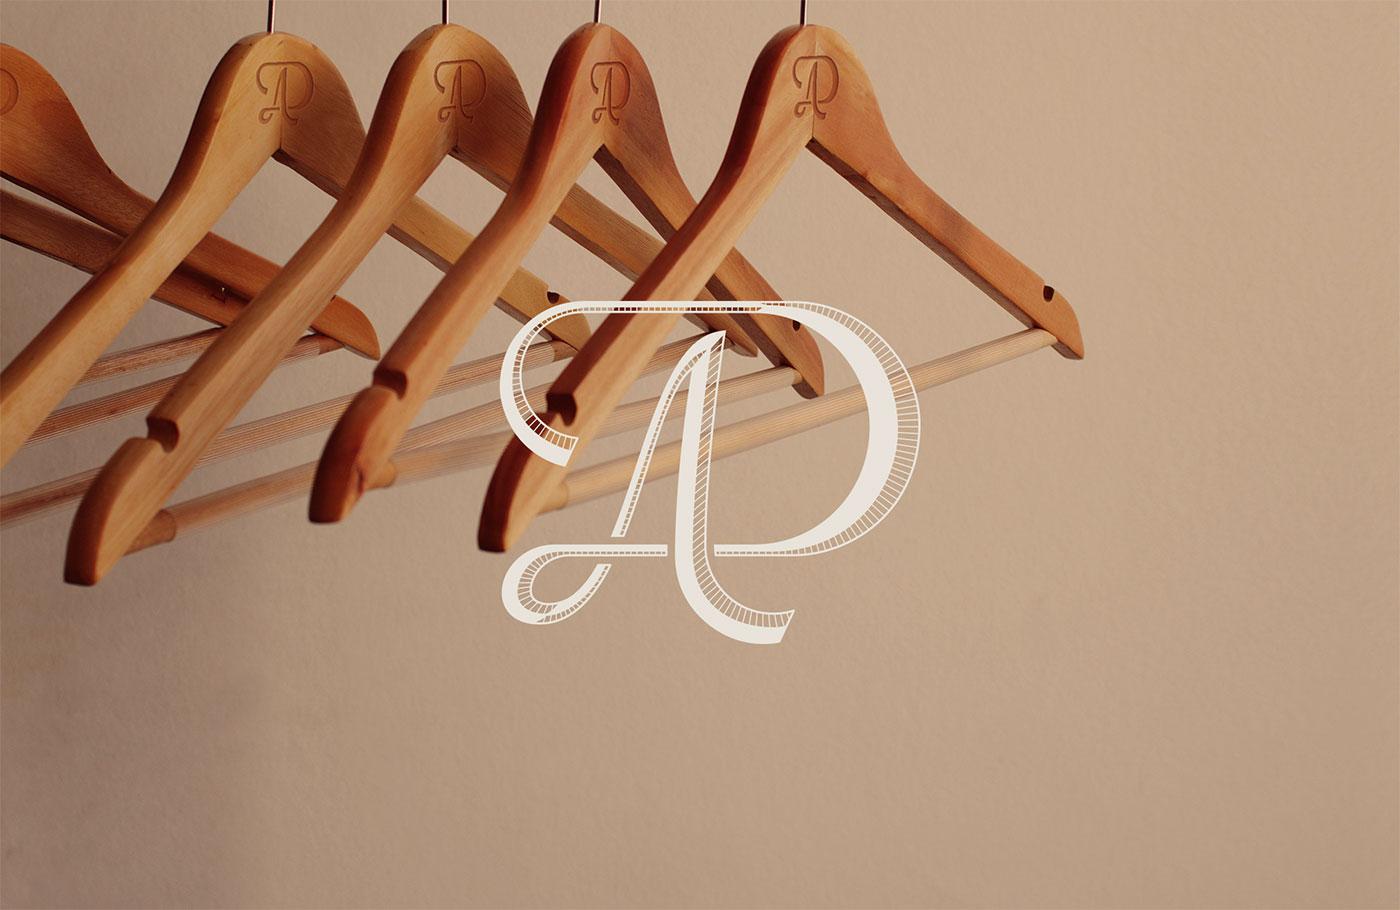 Outfit Branding Dominique Aimée Clothes Hangers